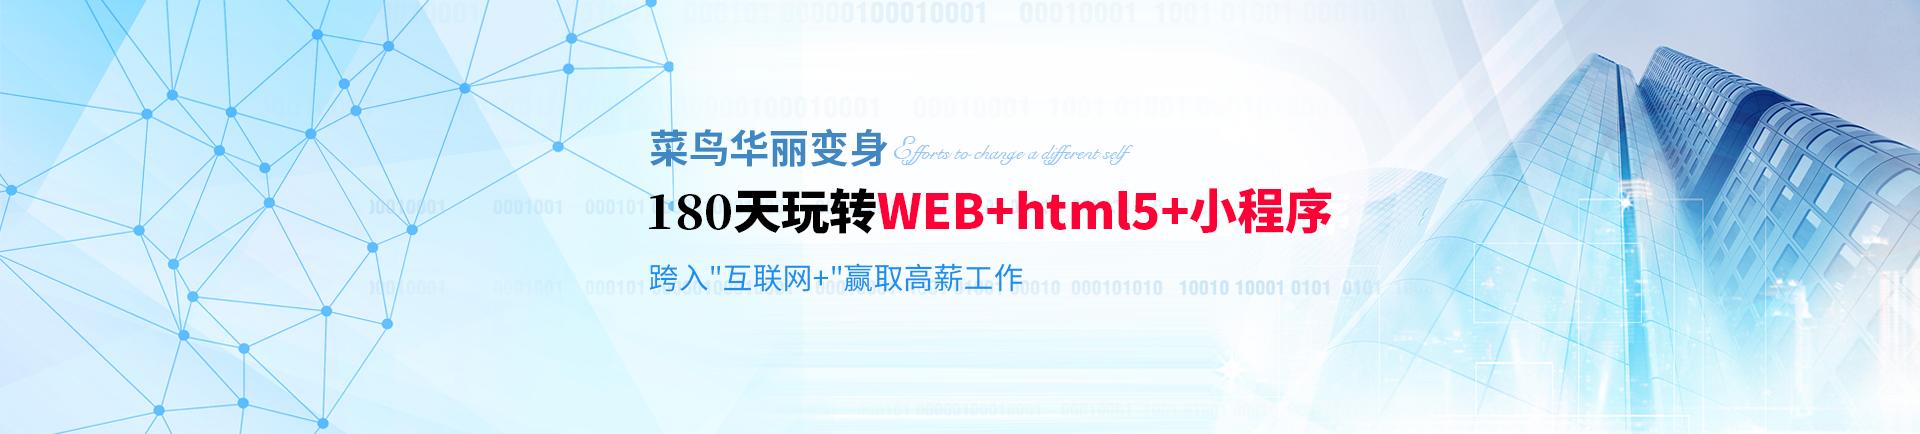 180天玩轉WEB+html5+小程序 跨入互聯網+挑戰高薪